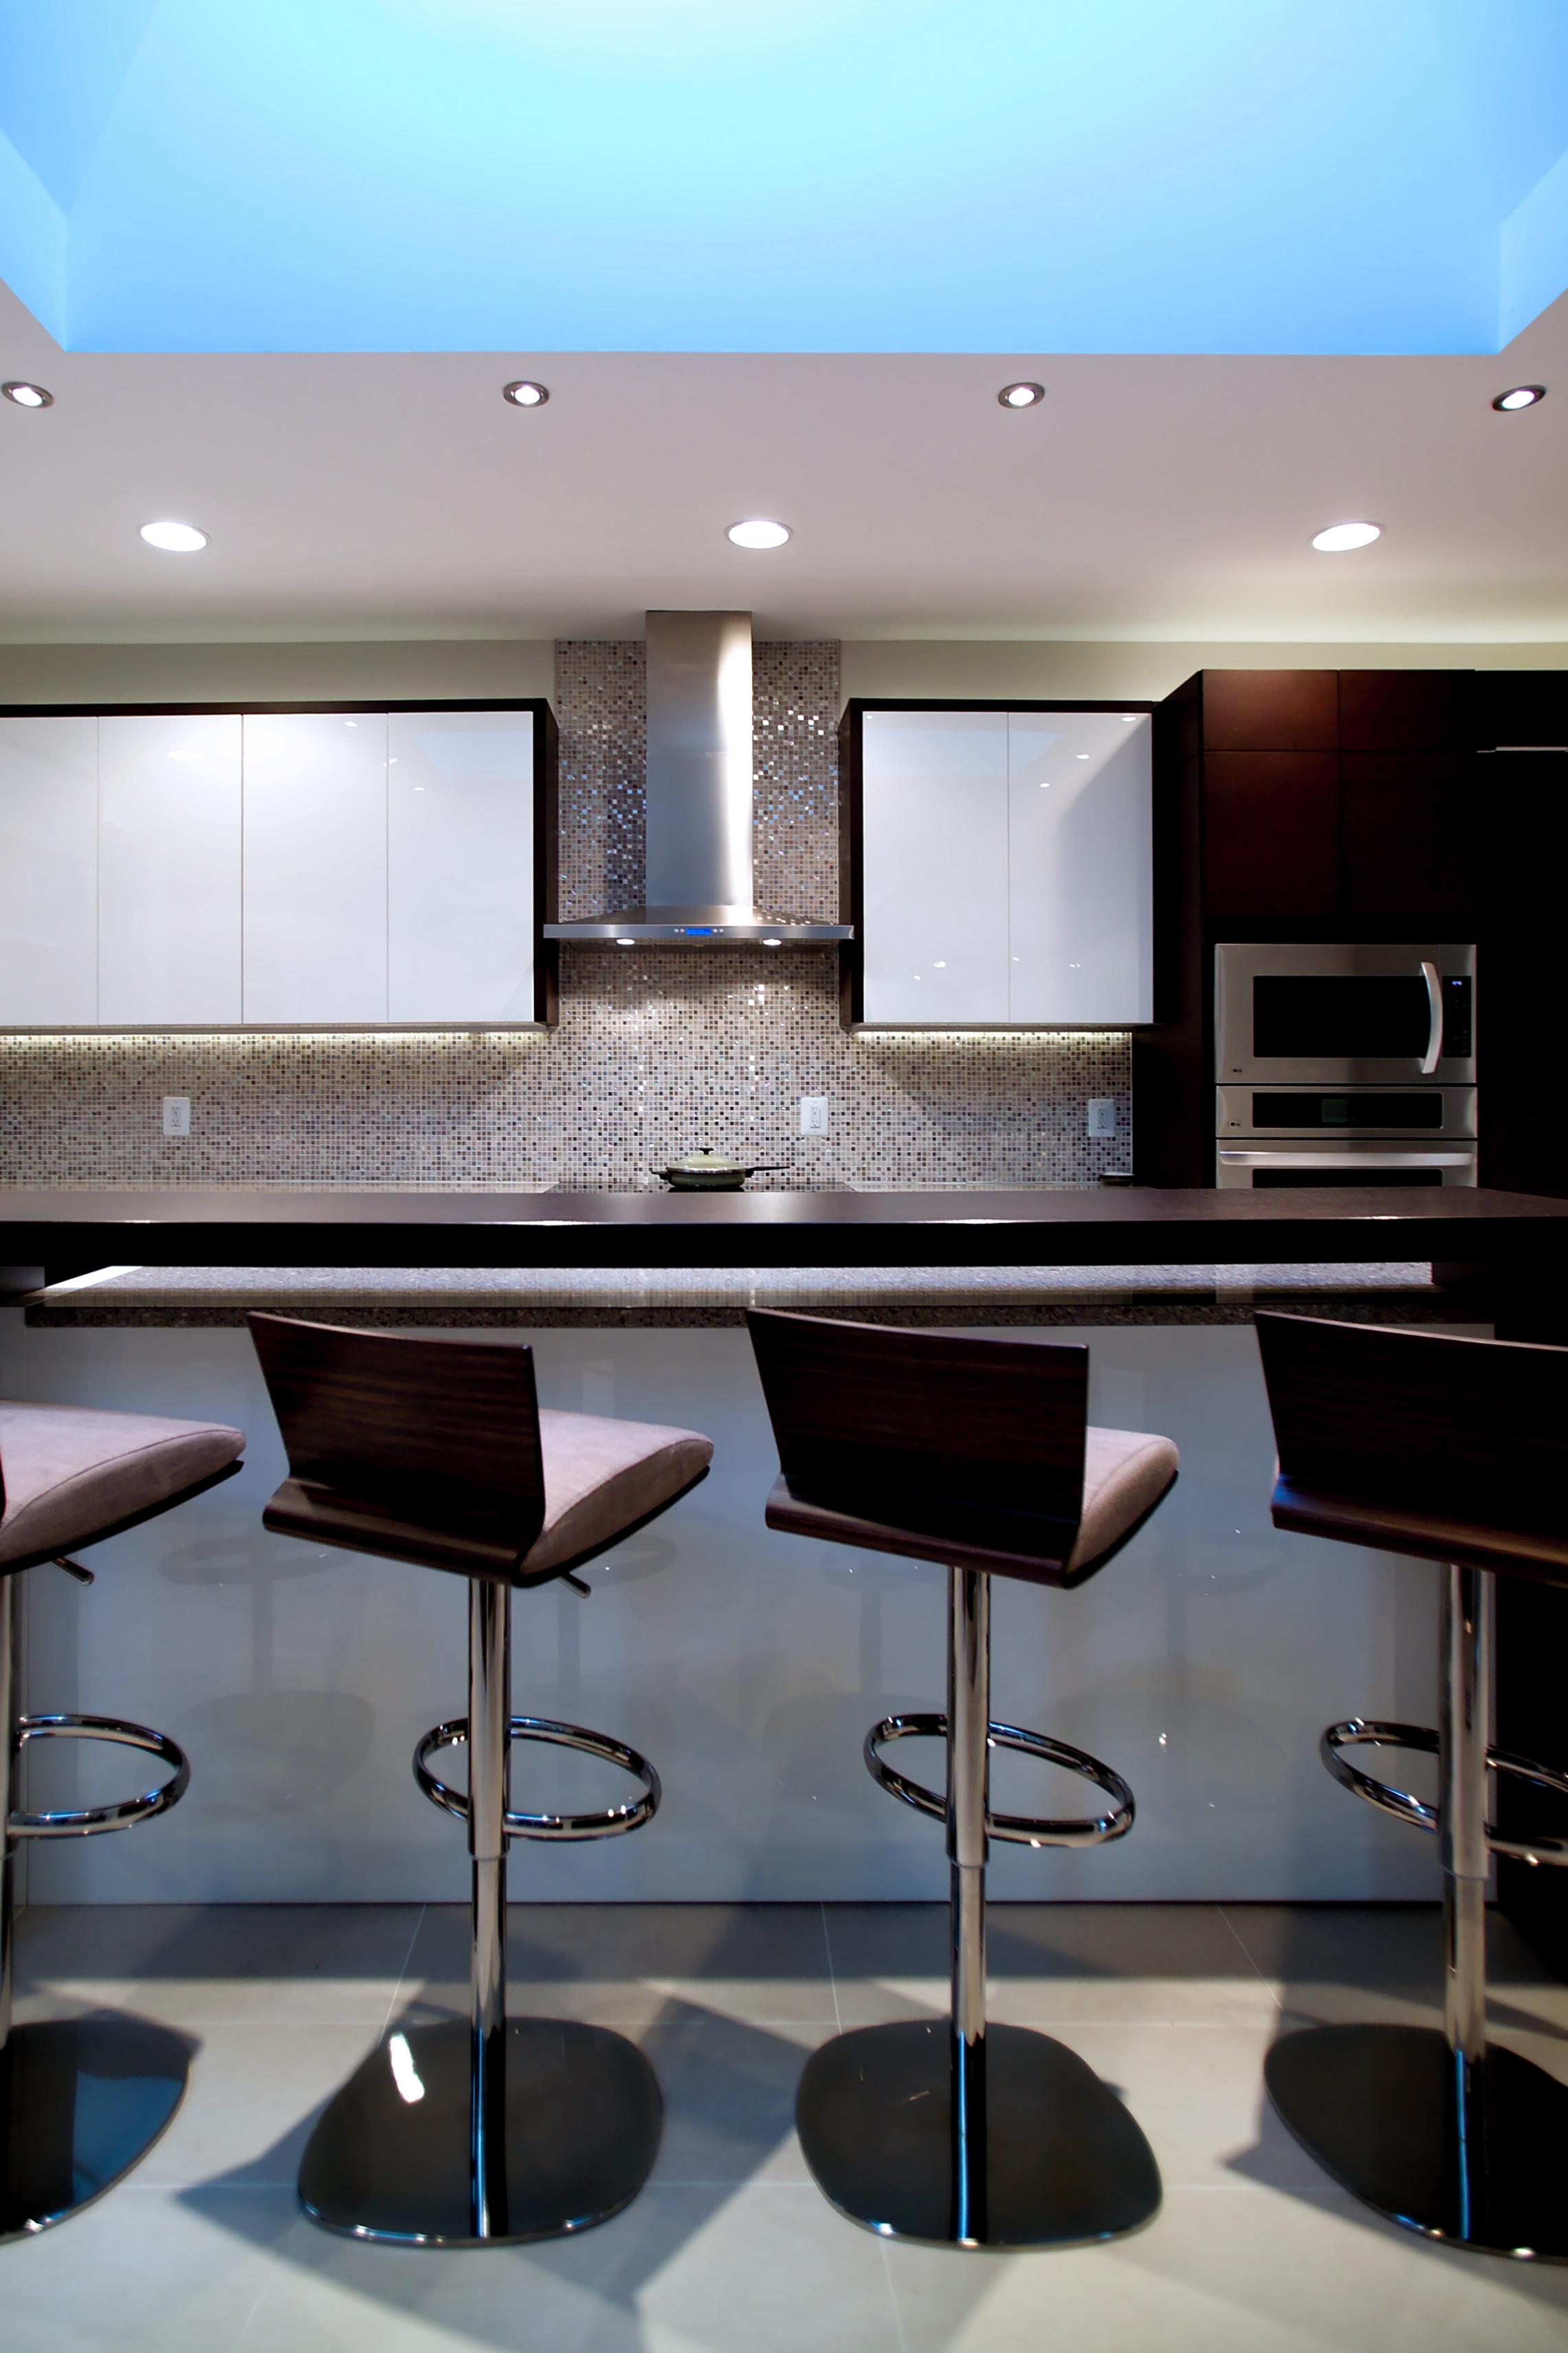 Kitchen 6 - Elevation Close-Up.jpg